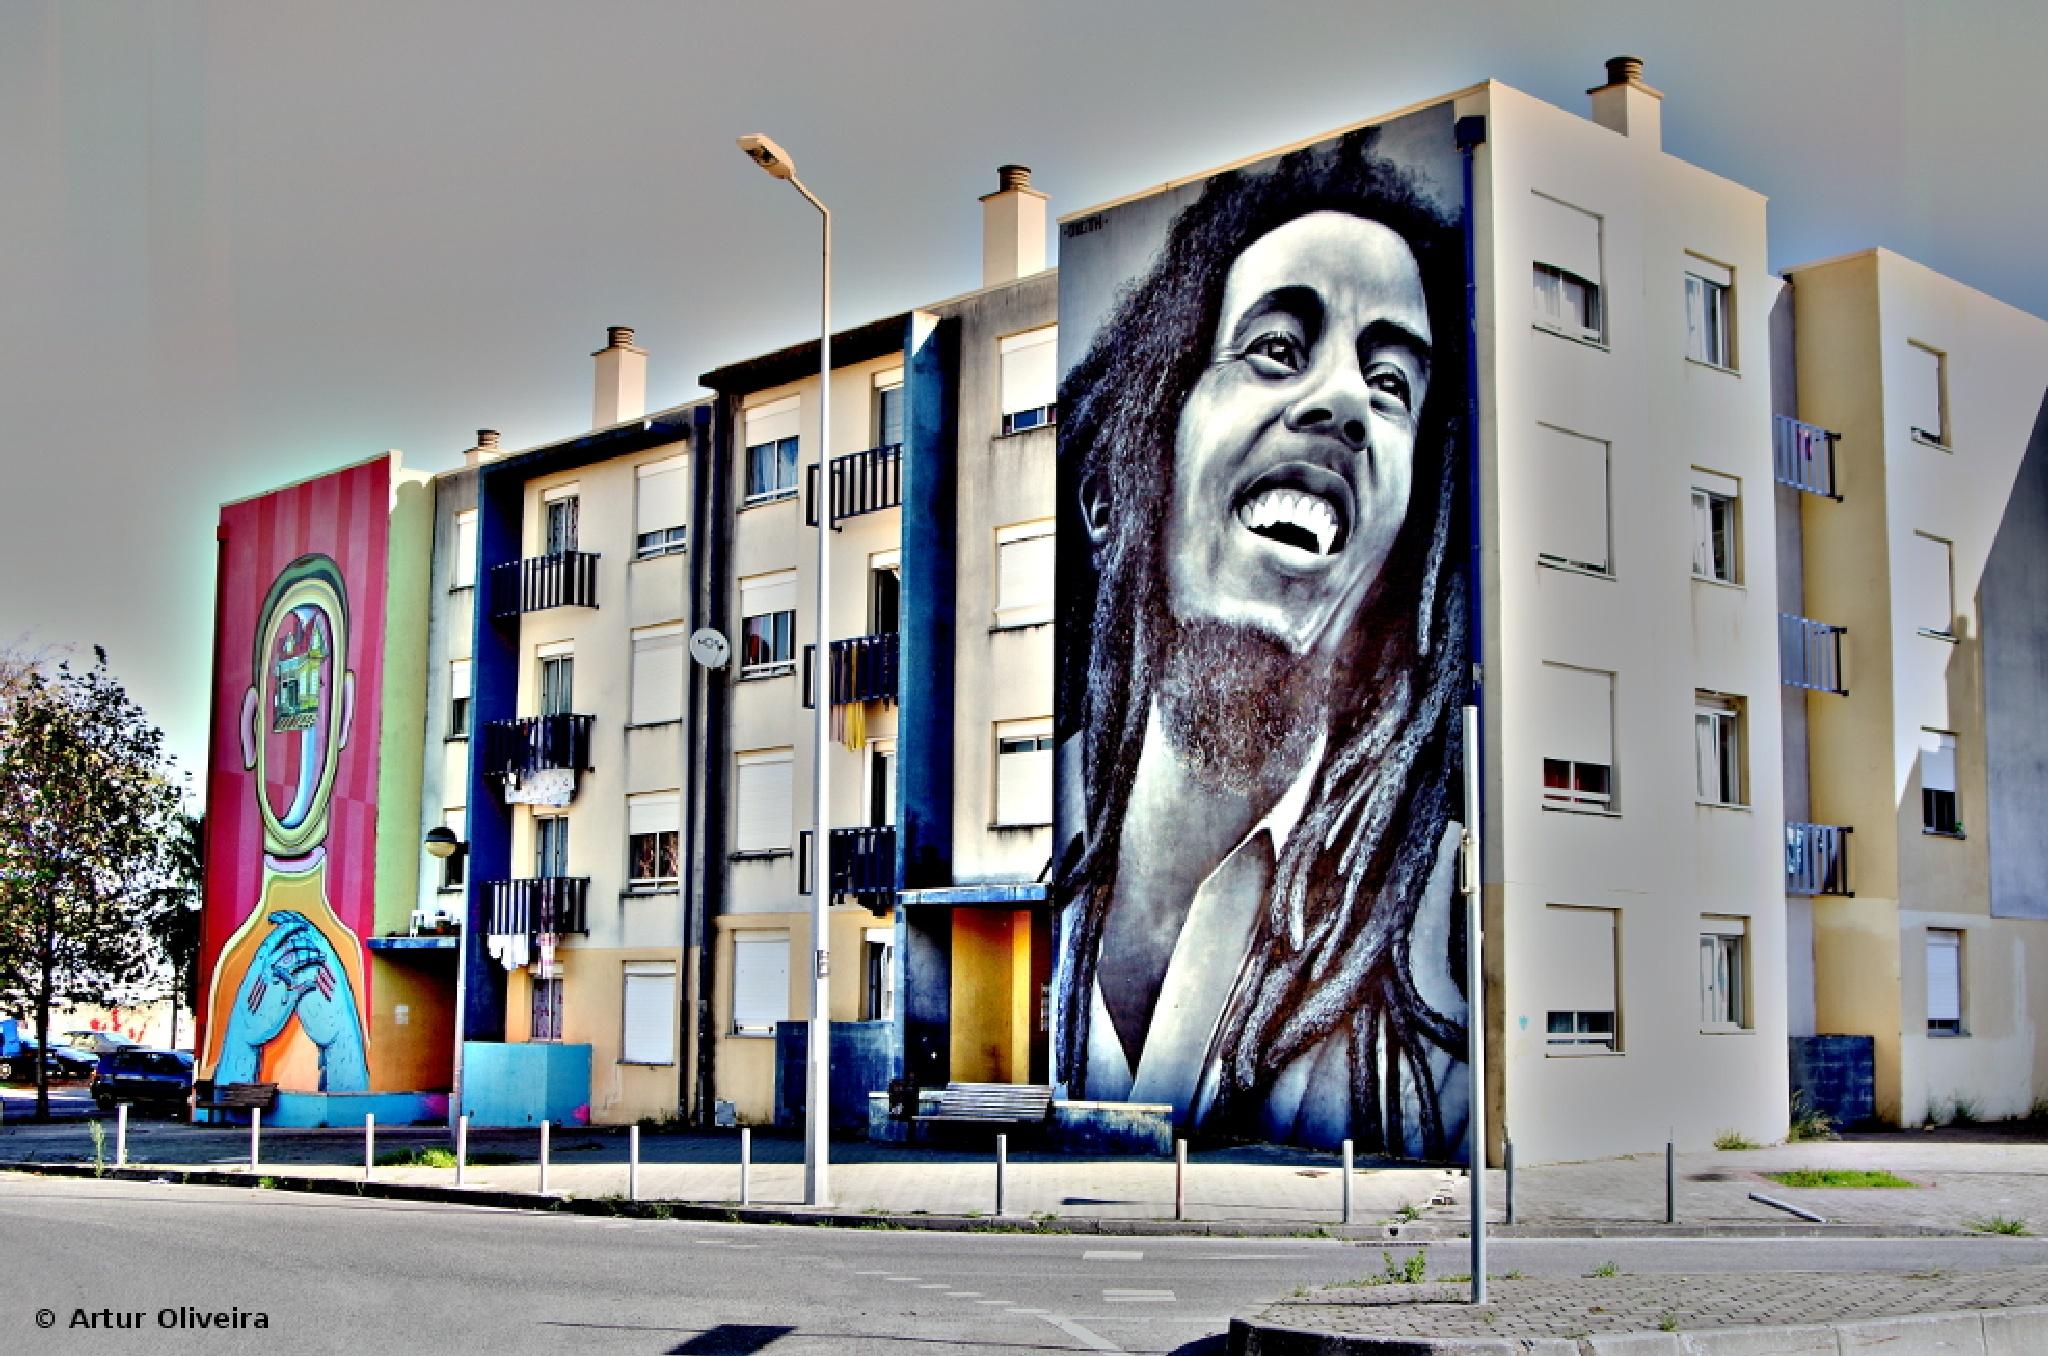 Camarate Retinex by Artur Oliveira